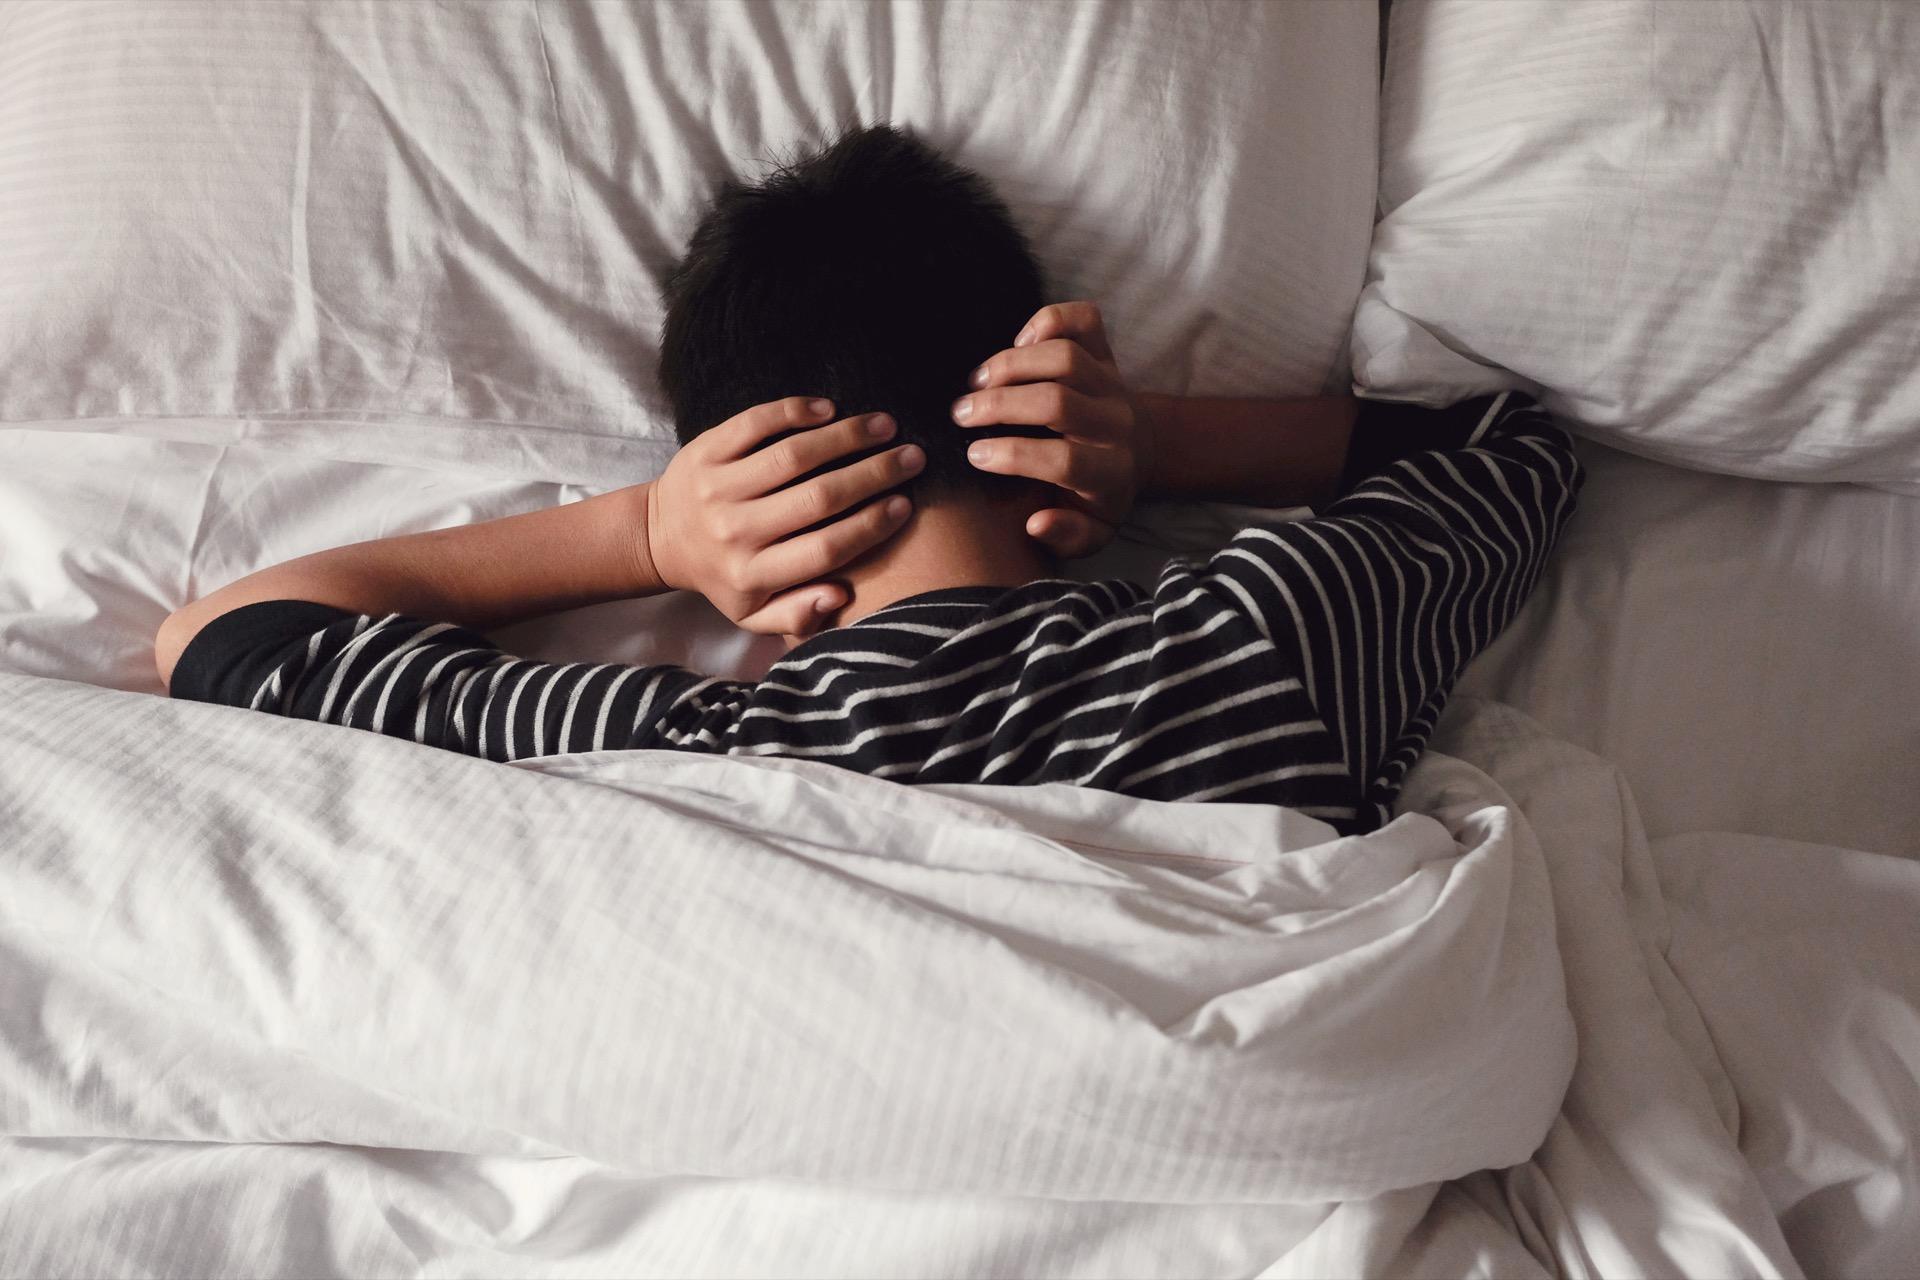 Mitos Sobre El Descanso Que Pueden Dañar Tu Salud